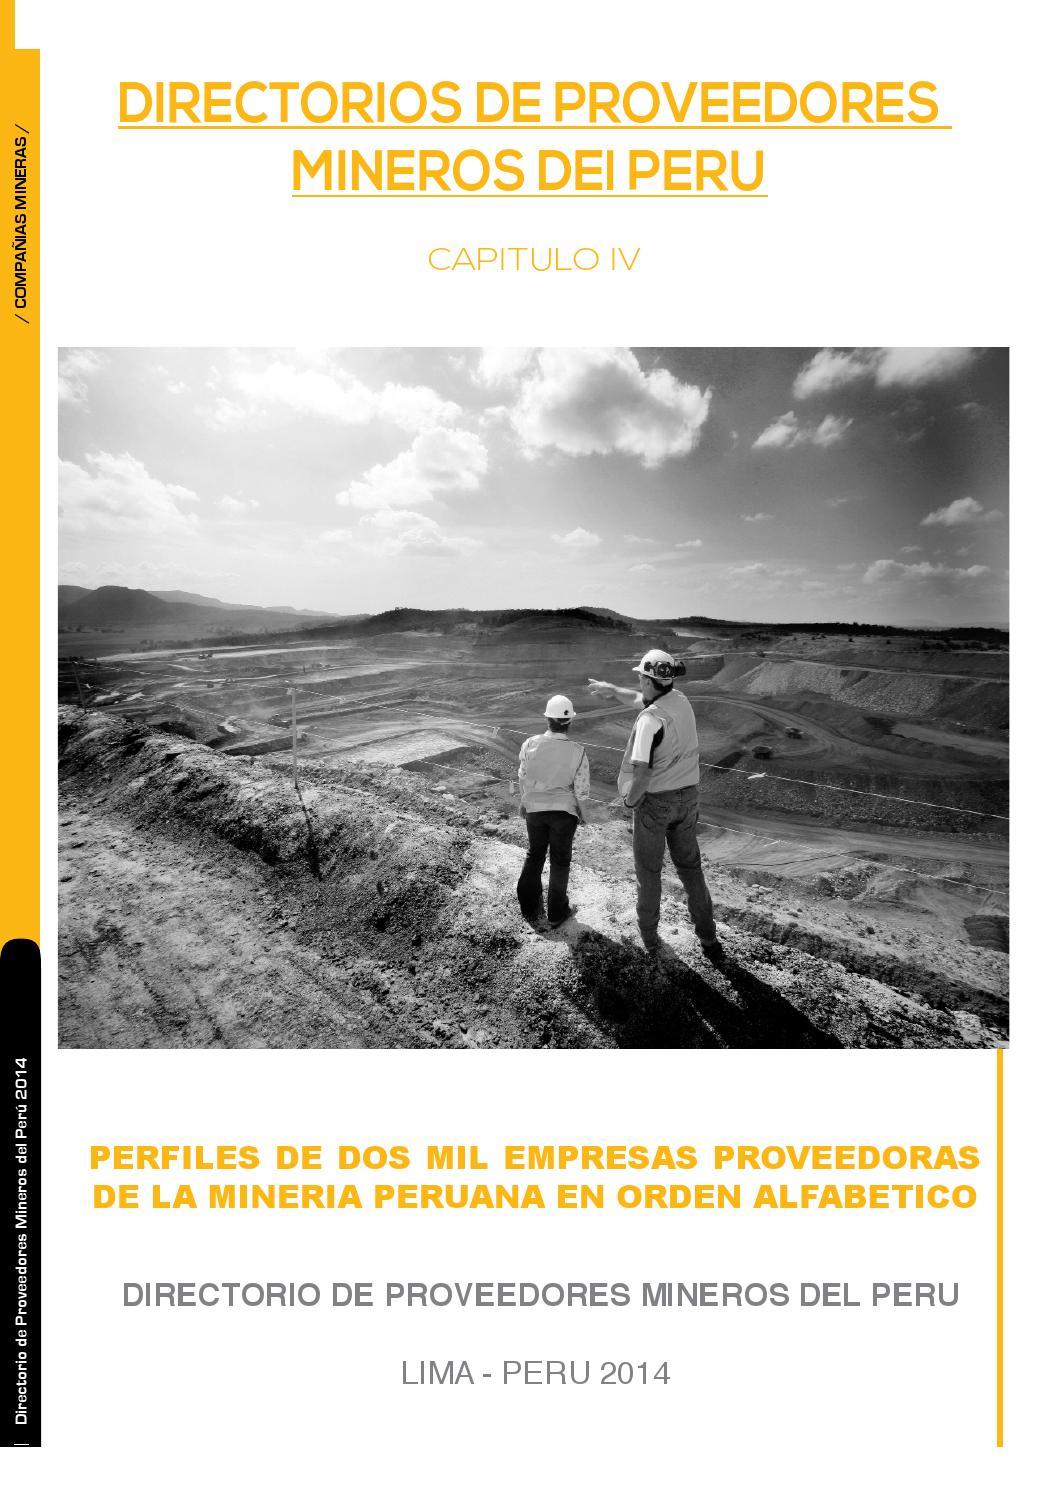 Directorio De Proveedores Mineros By Mineria Del Peru Issuu